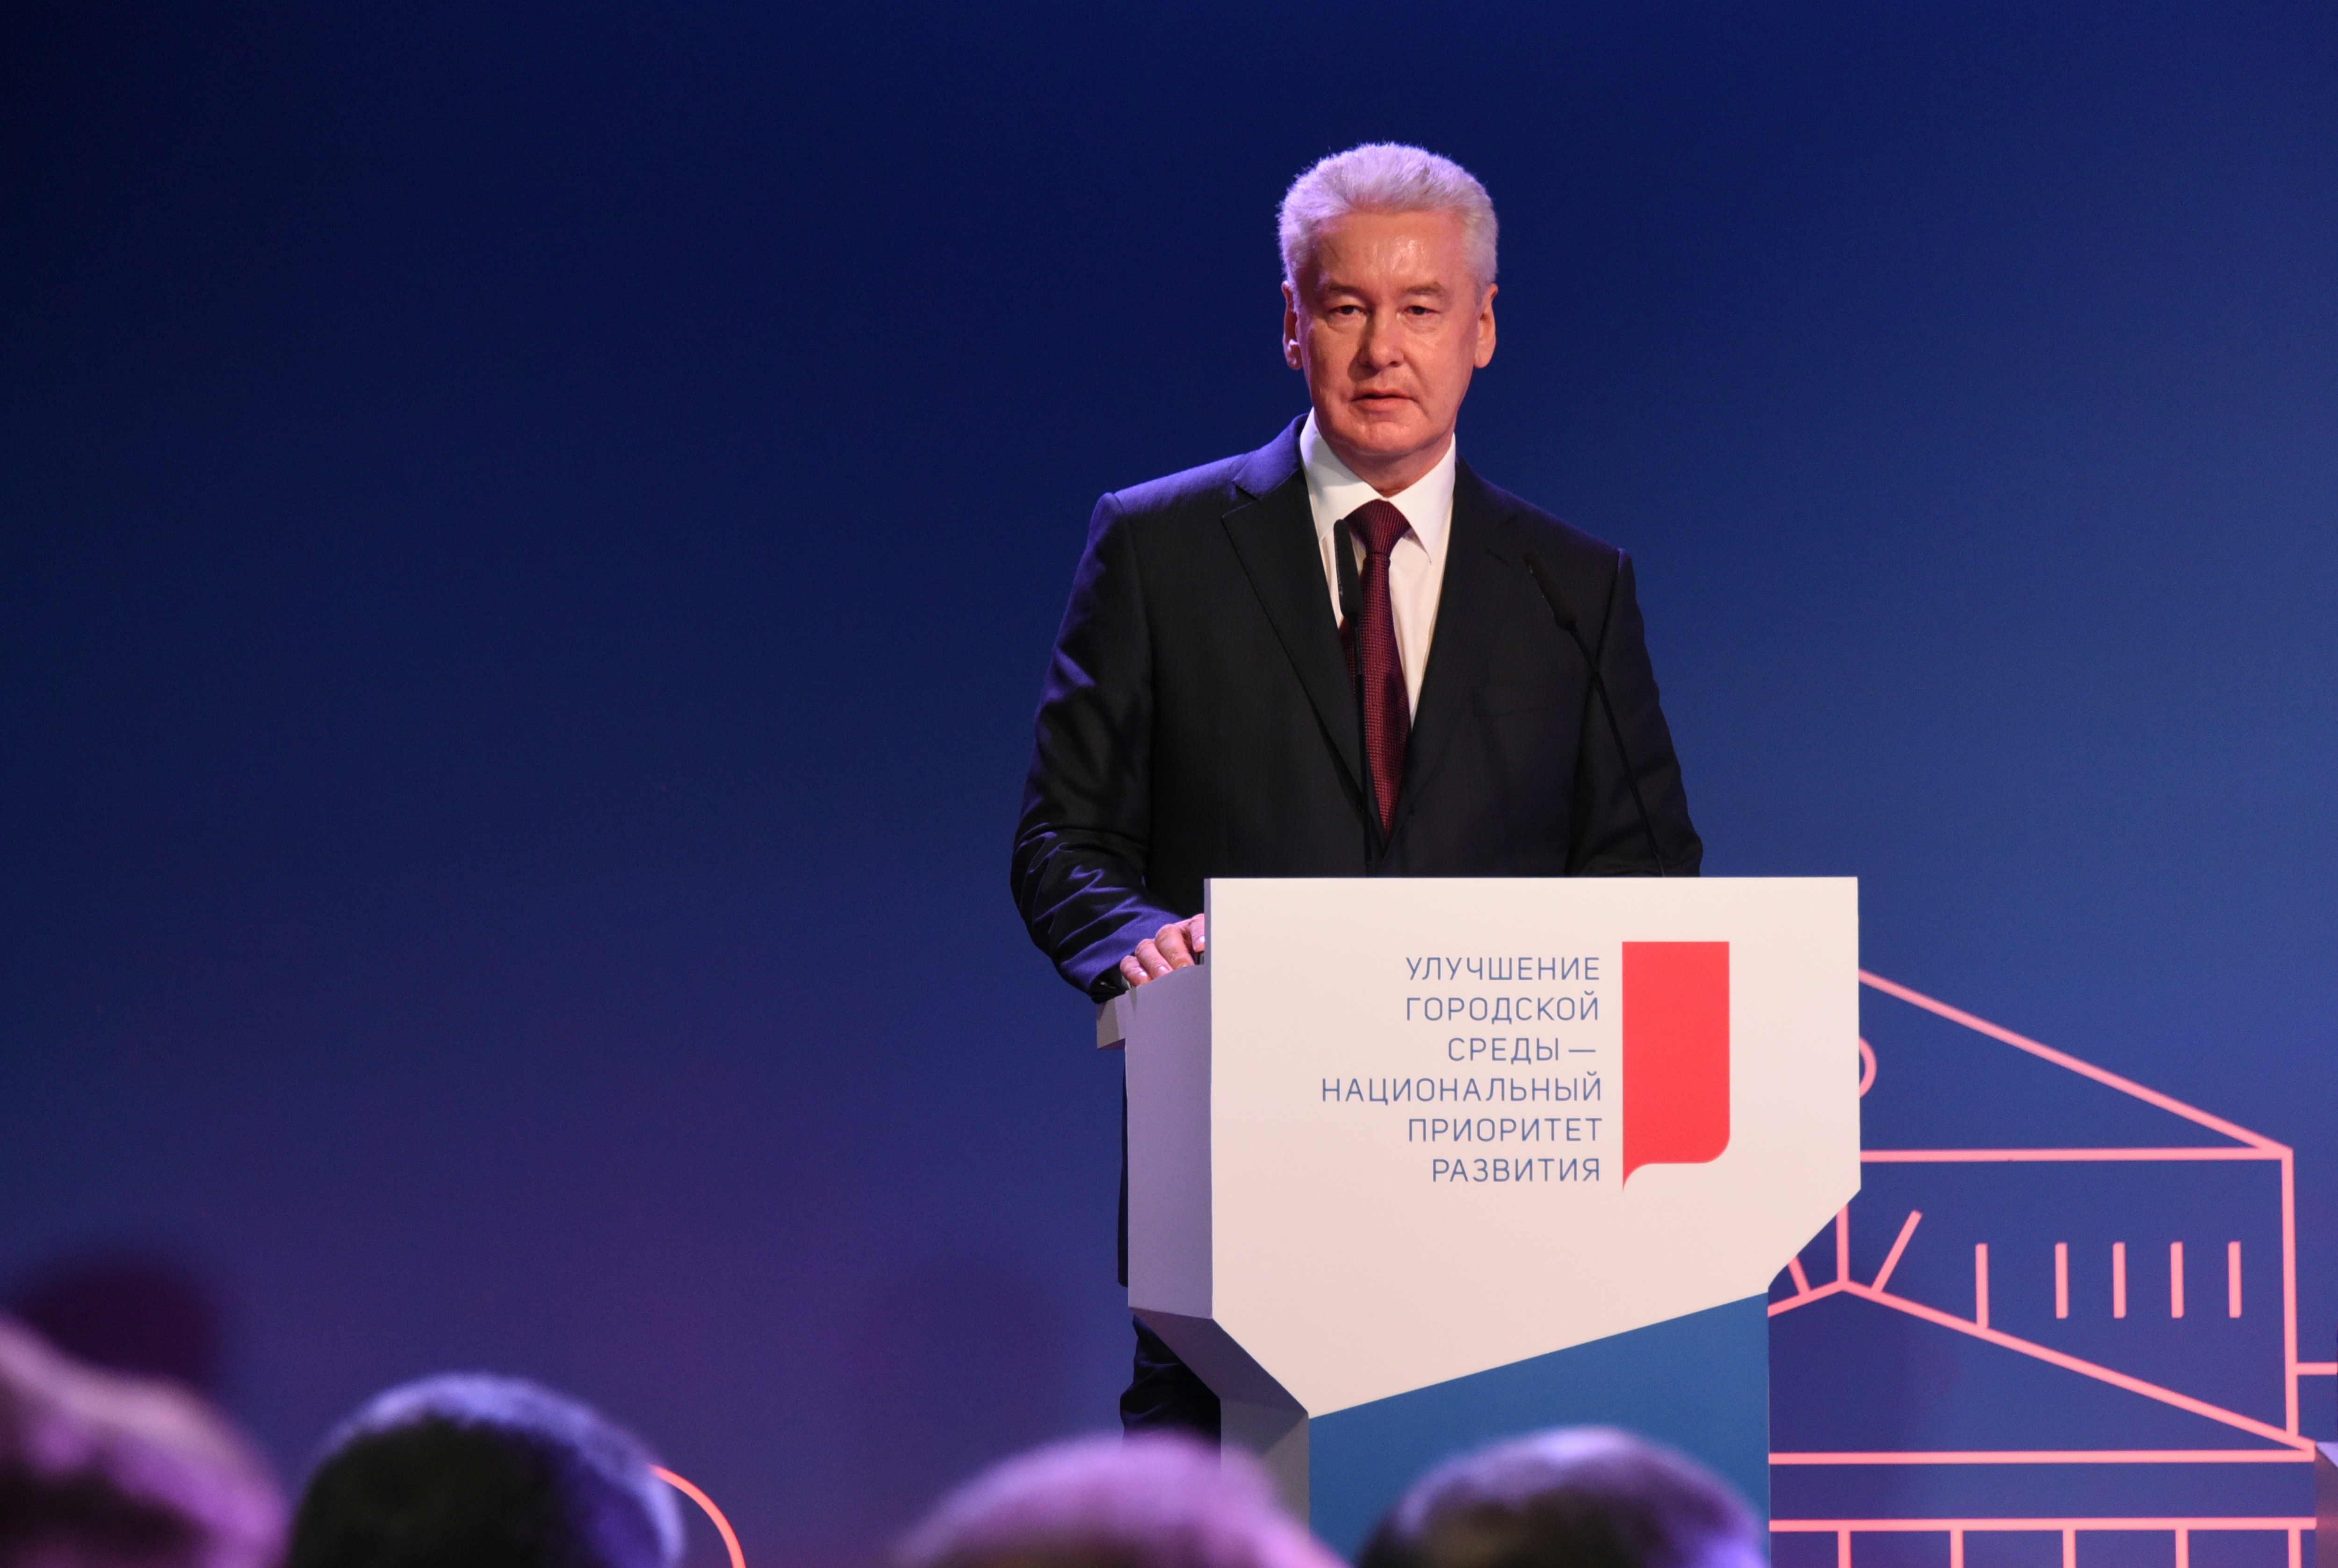 Сергей Собянин рассказал о главной цели развития Москвы